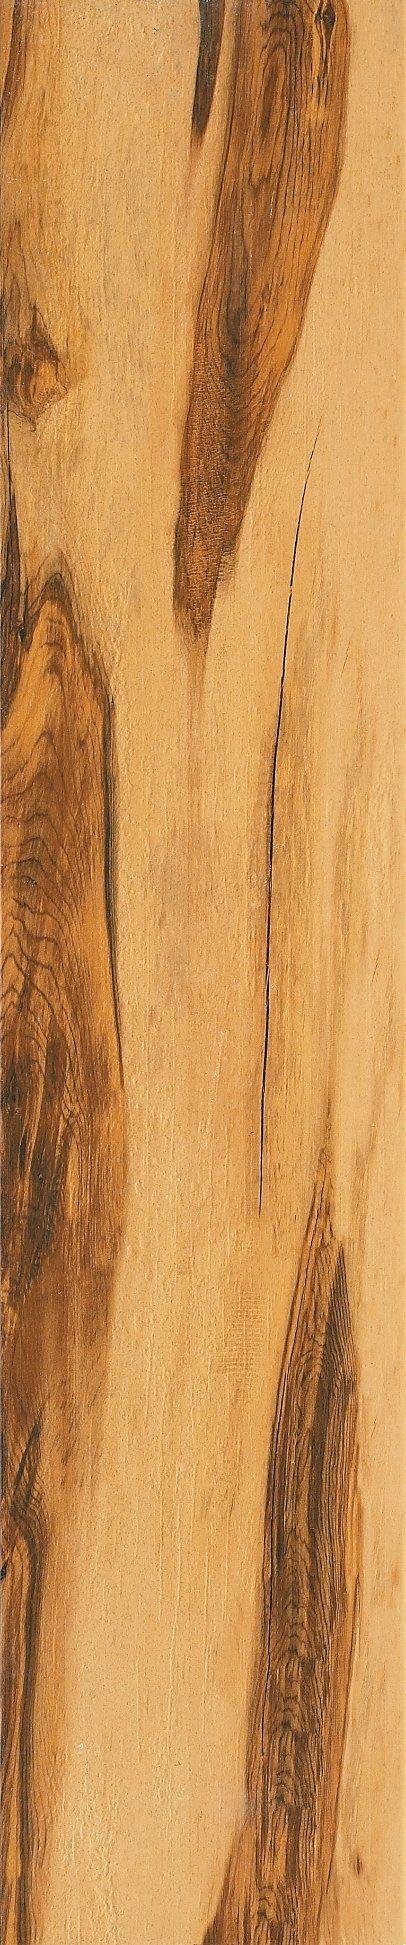 Wooden Mf915063/Mf915613 Wooden Pattern Design Porcelain Floor Tile Antique/Rustic/Glazed Surface